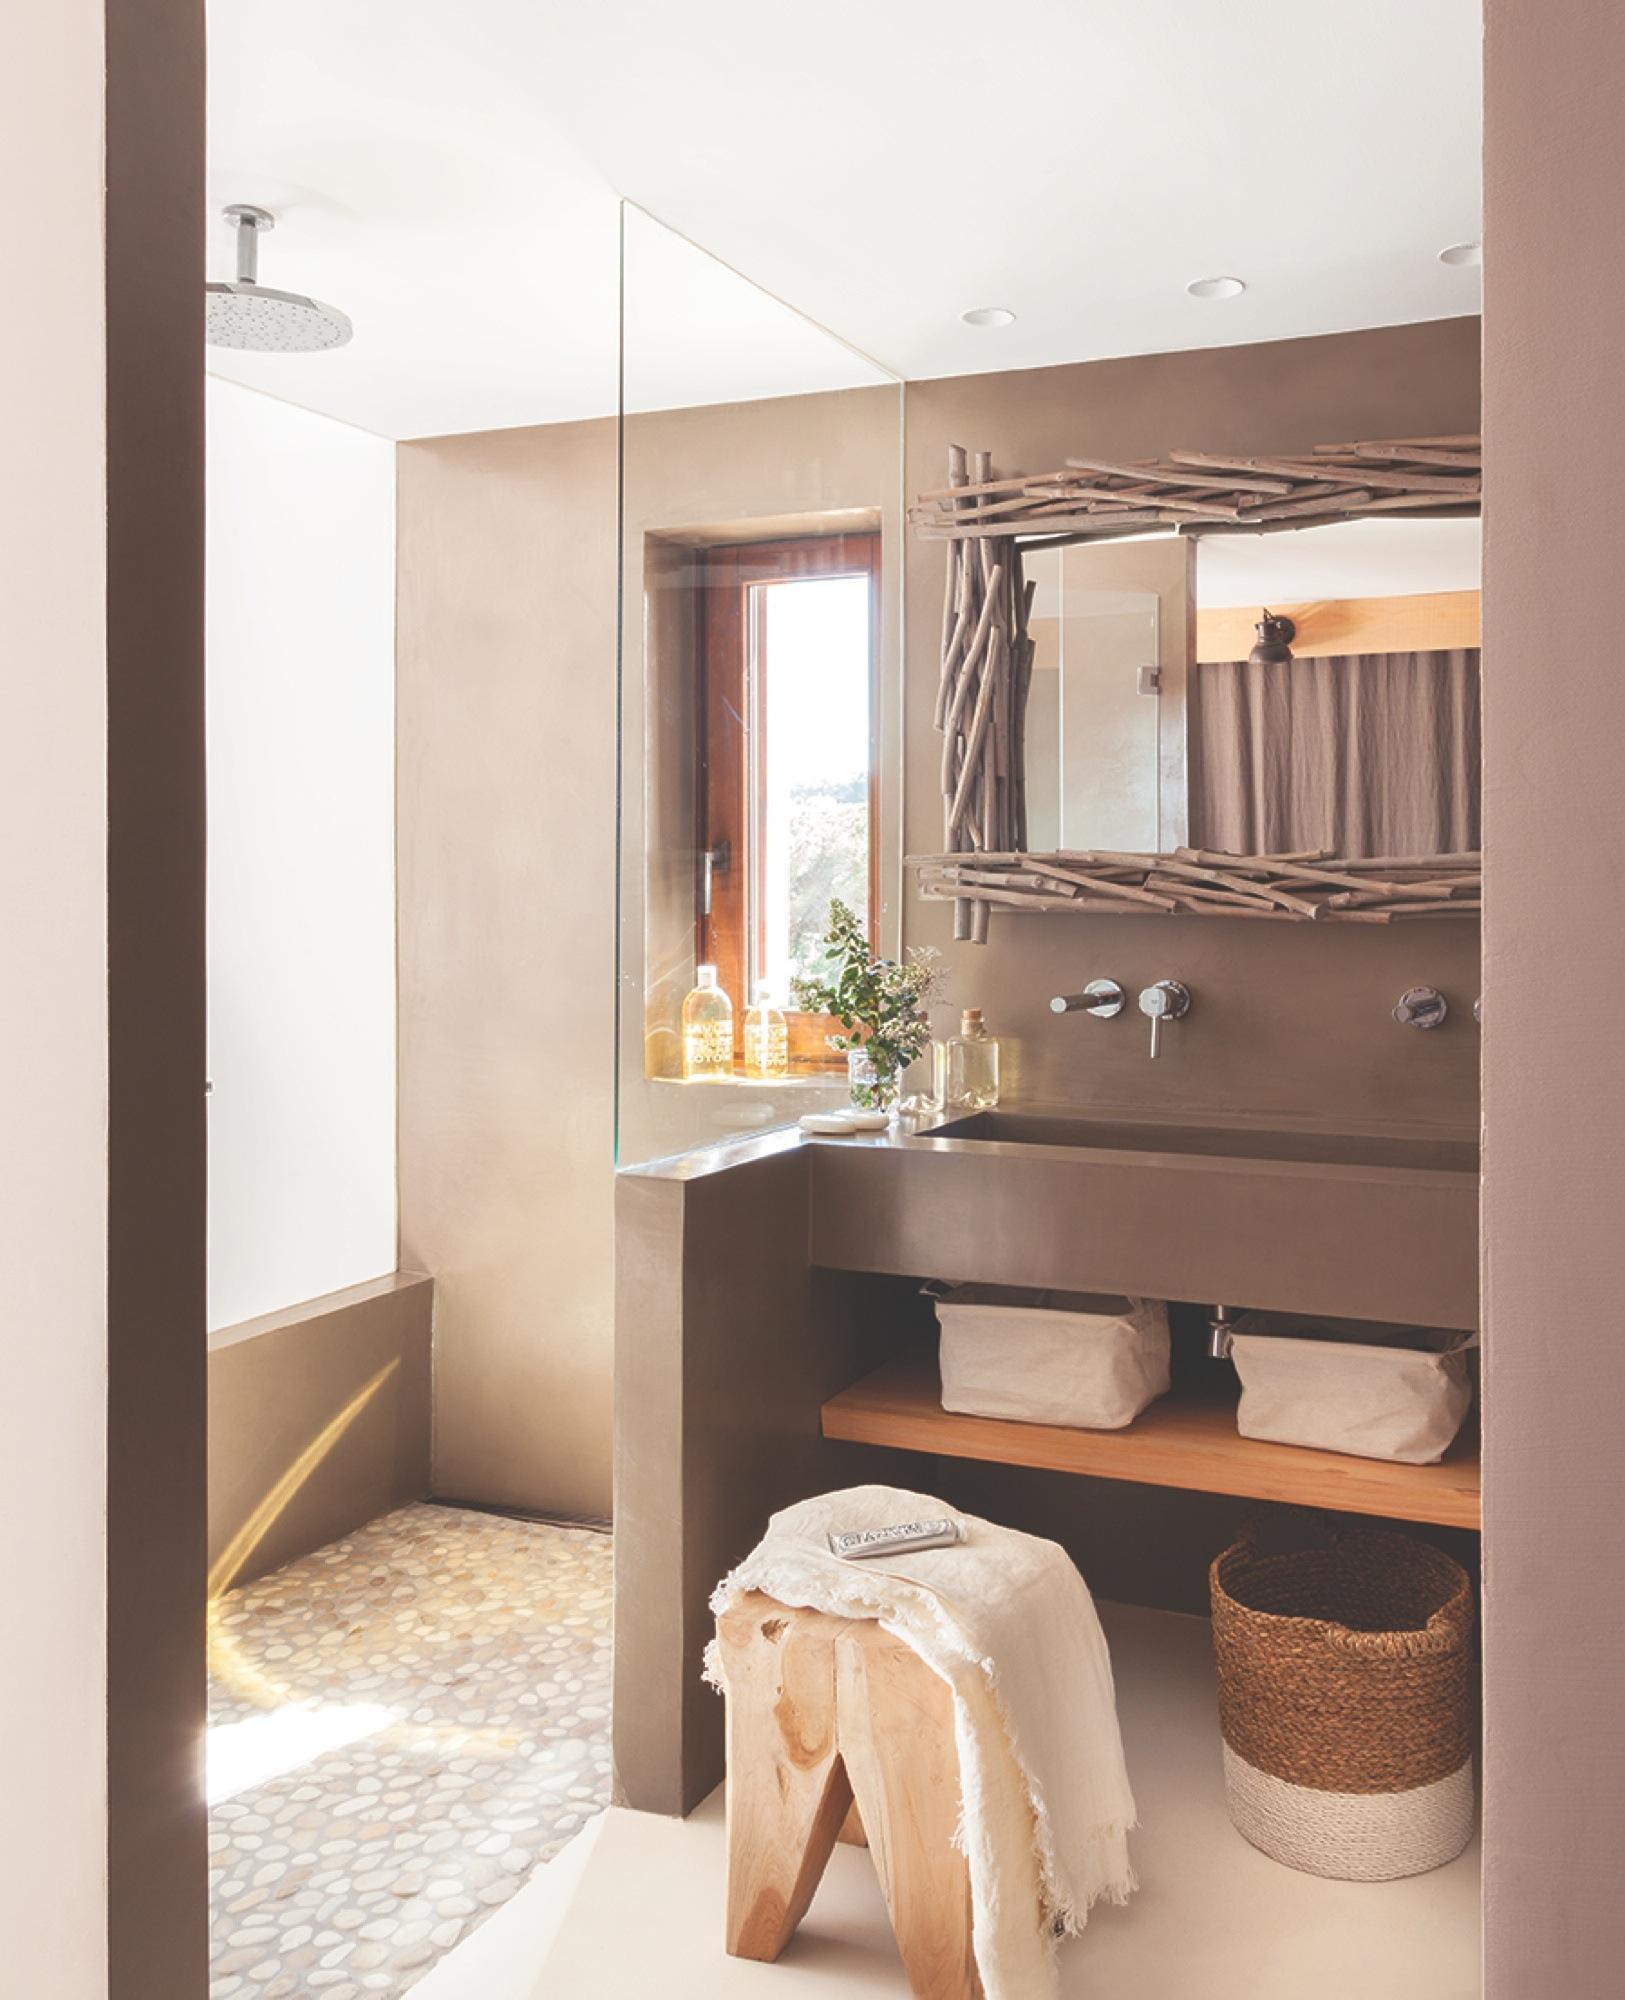 Baño Microcemento Gris:Baño en microcemento gris, estante y espejo de madera y taburete_MG